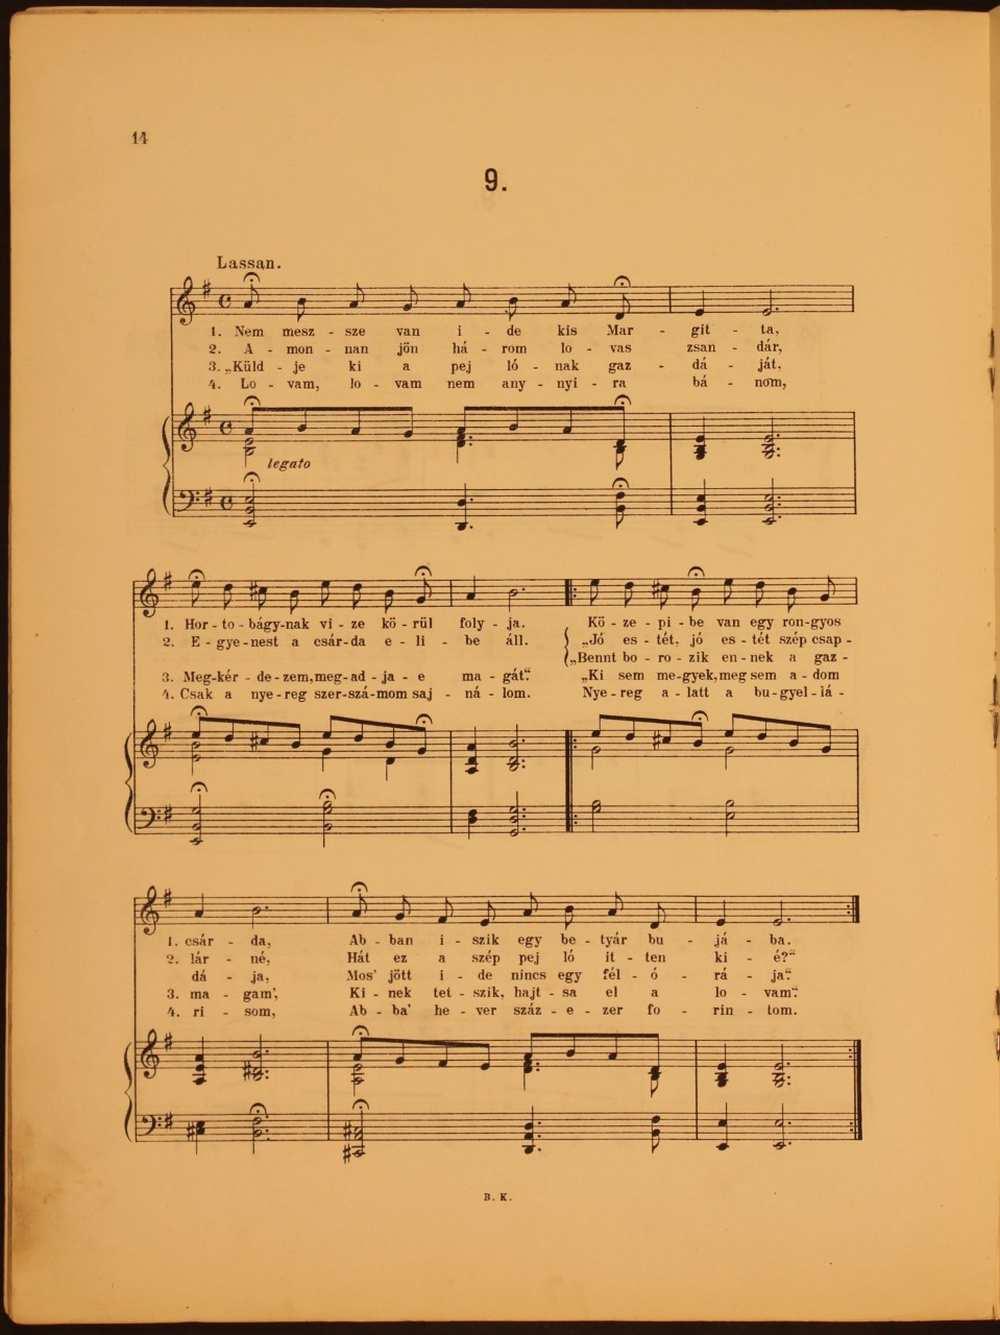 Magyar népdalok énekhangra, 1906. 9. szám: Nem messze van ide kis Margita… – Színháztörténeti és Zeneműtár